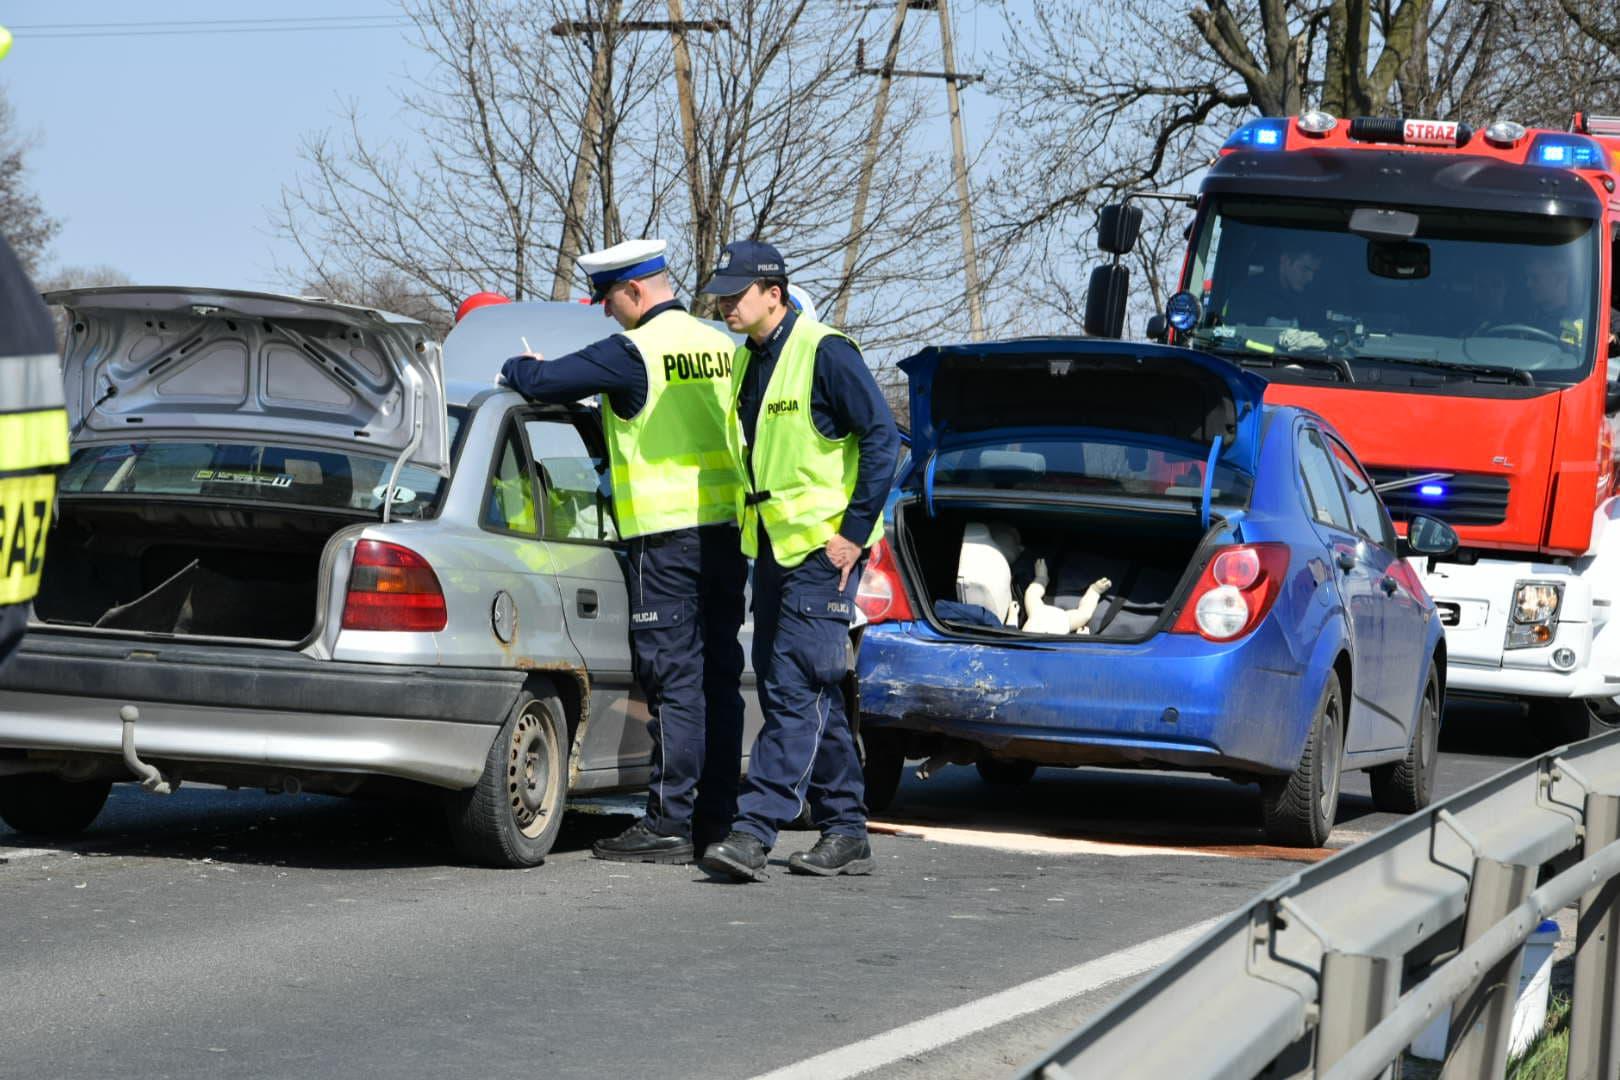 Groźny wypadek. Trzy osoby zabrane do szpitala